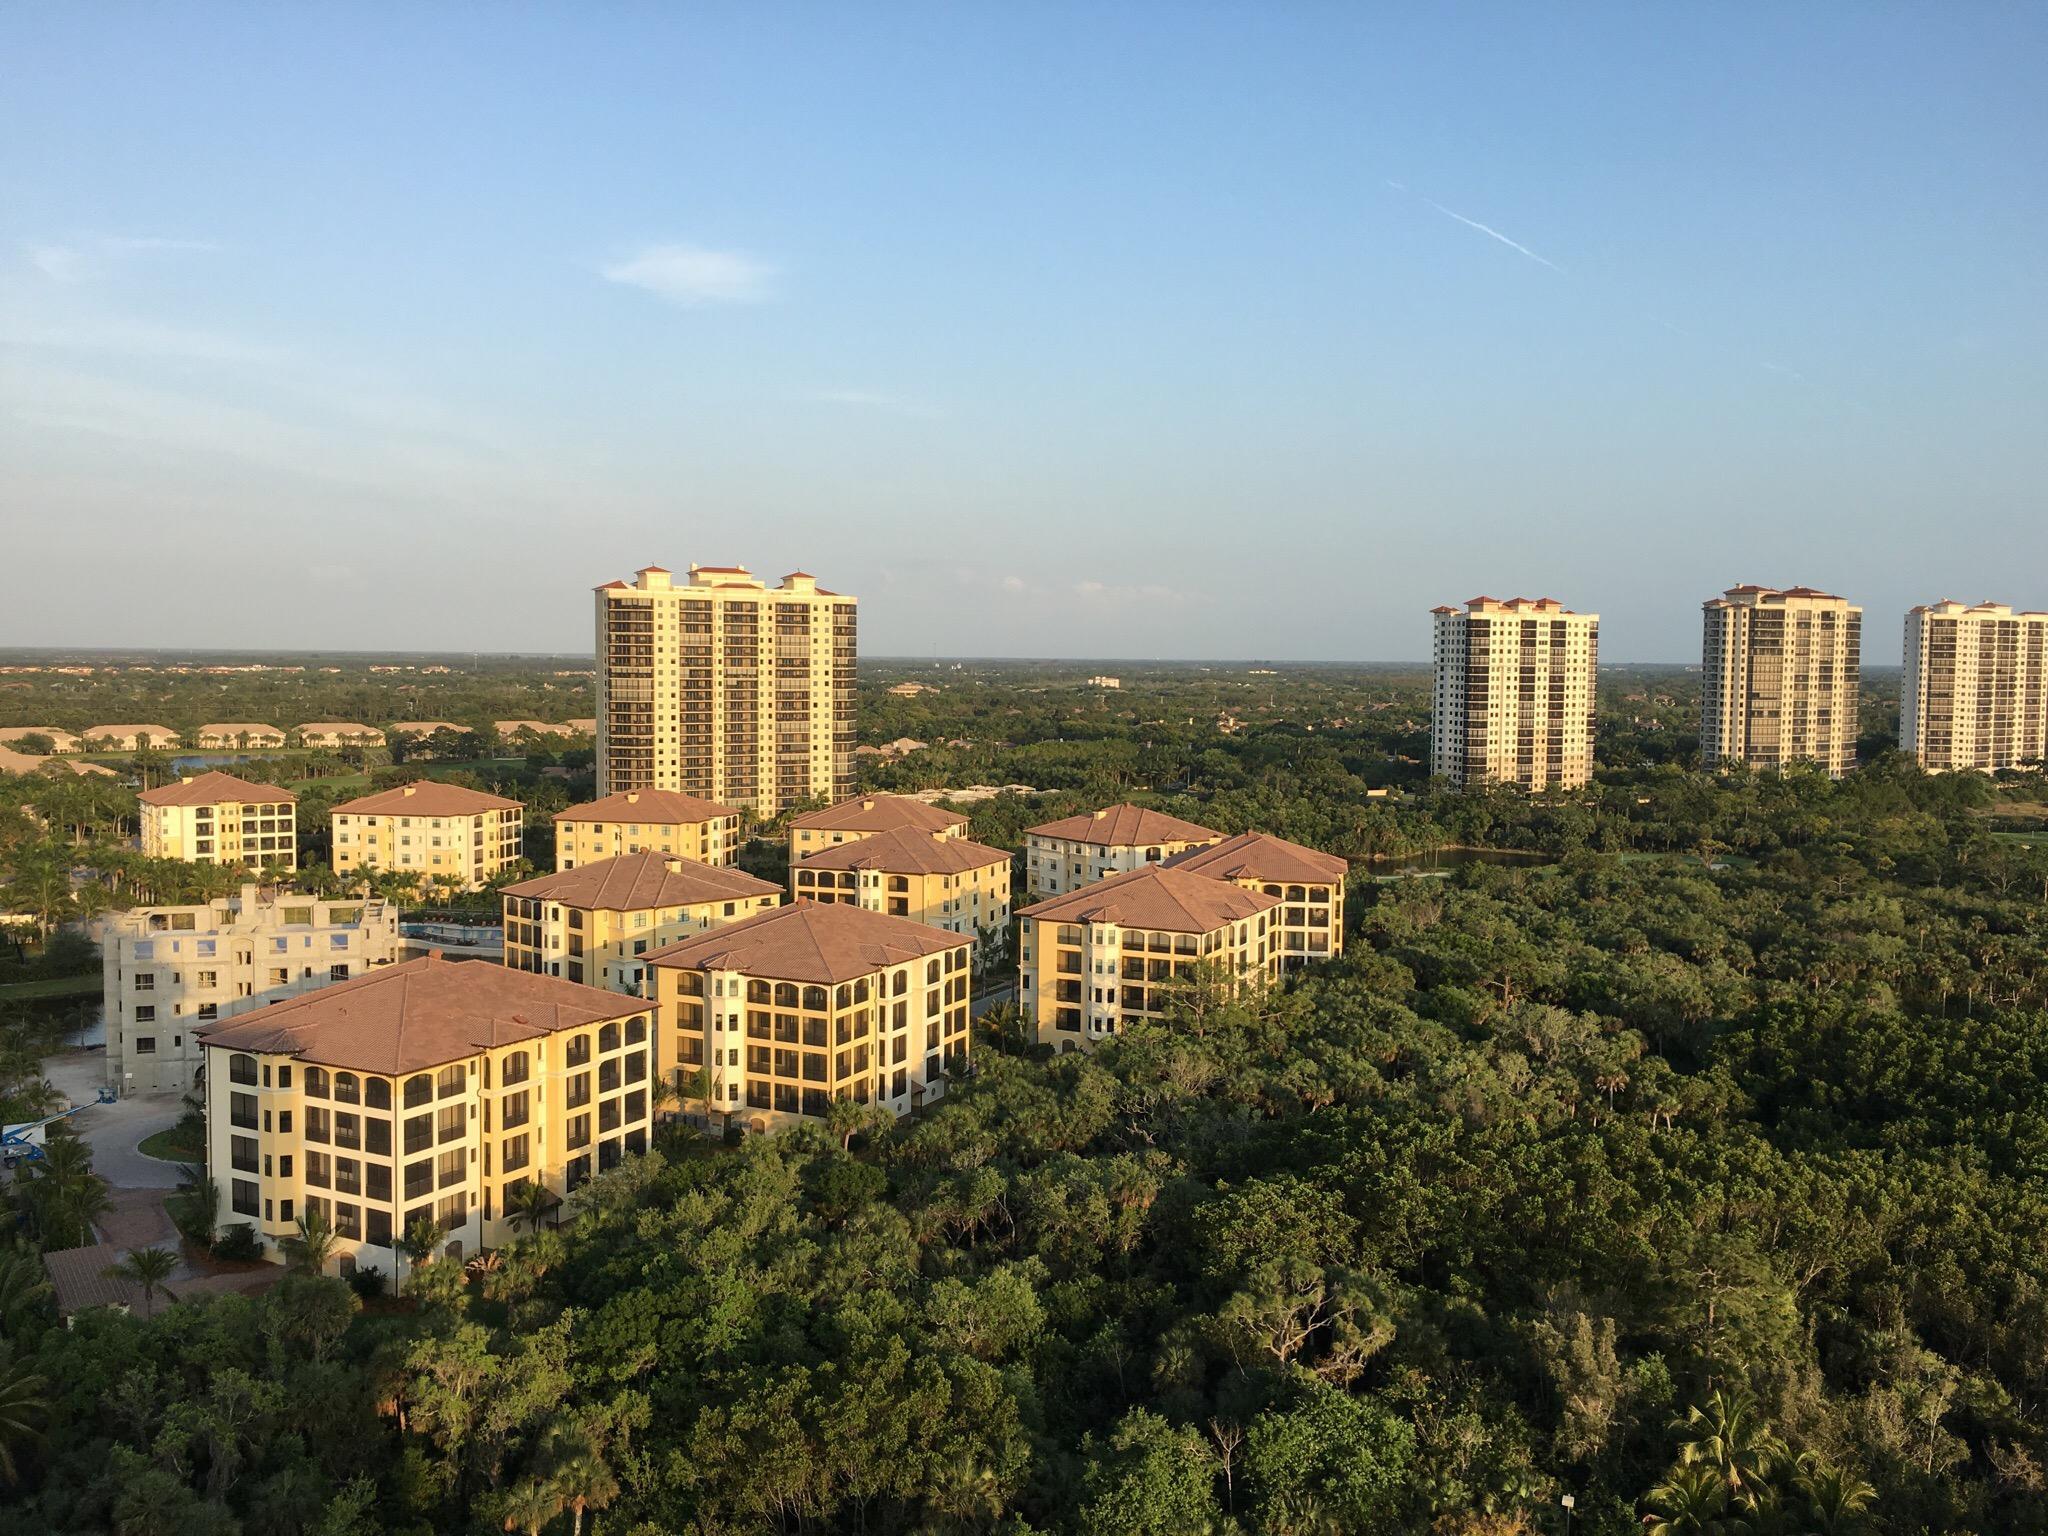 Hyatt Coconut Plantation Resort Aerial